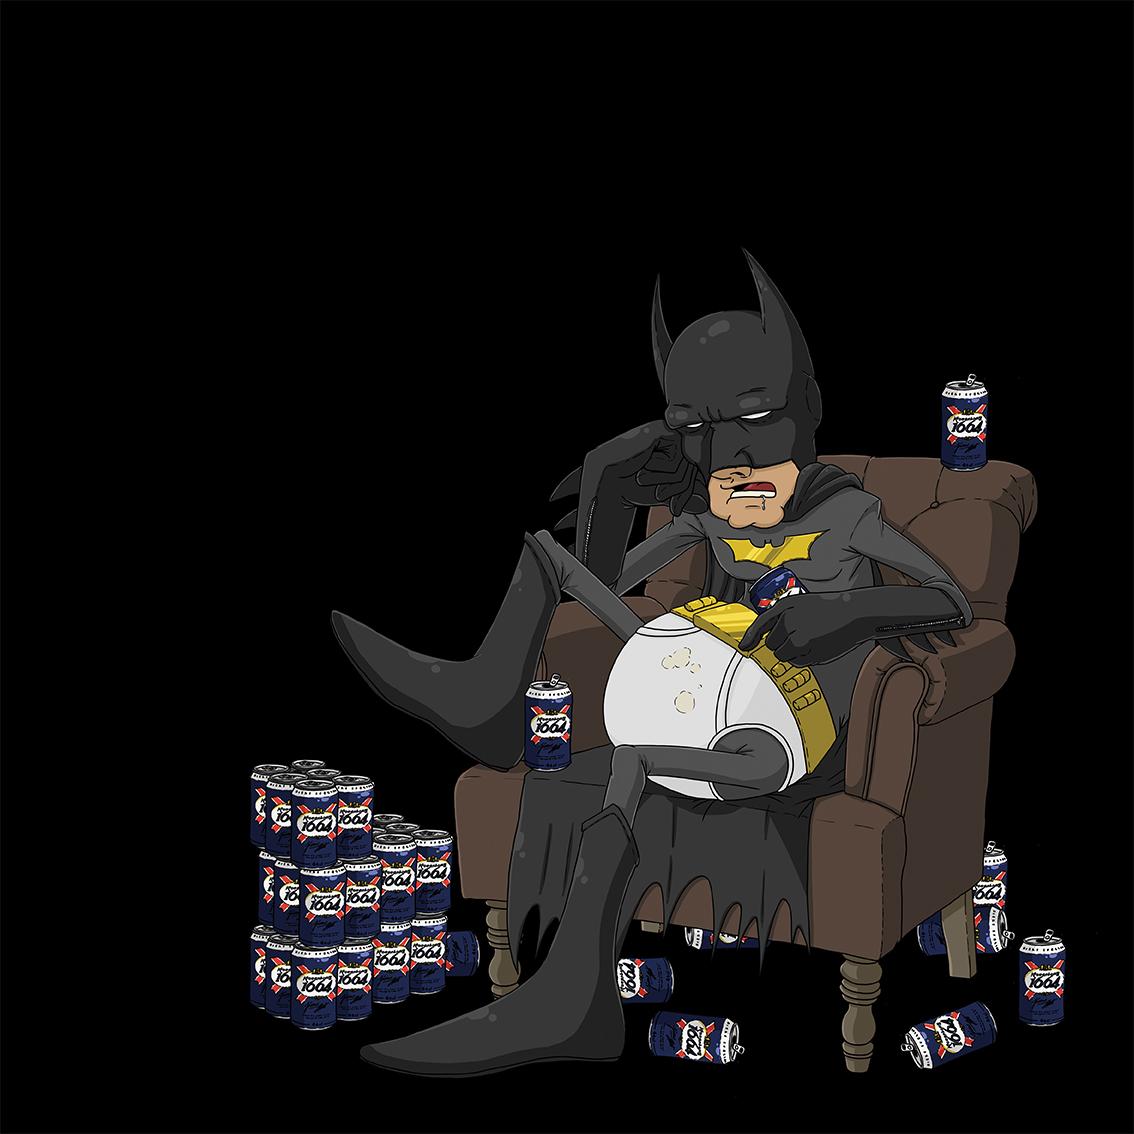 Batman Hangover de Damien Garavagno,  Dim: 40 cm x 40 cm